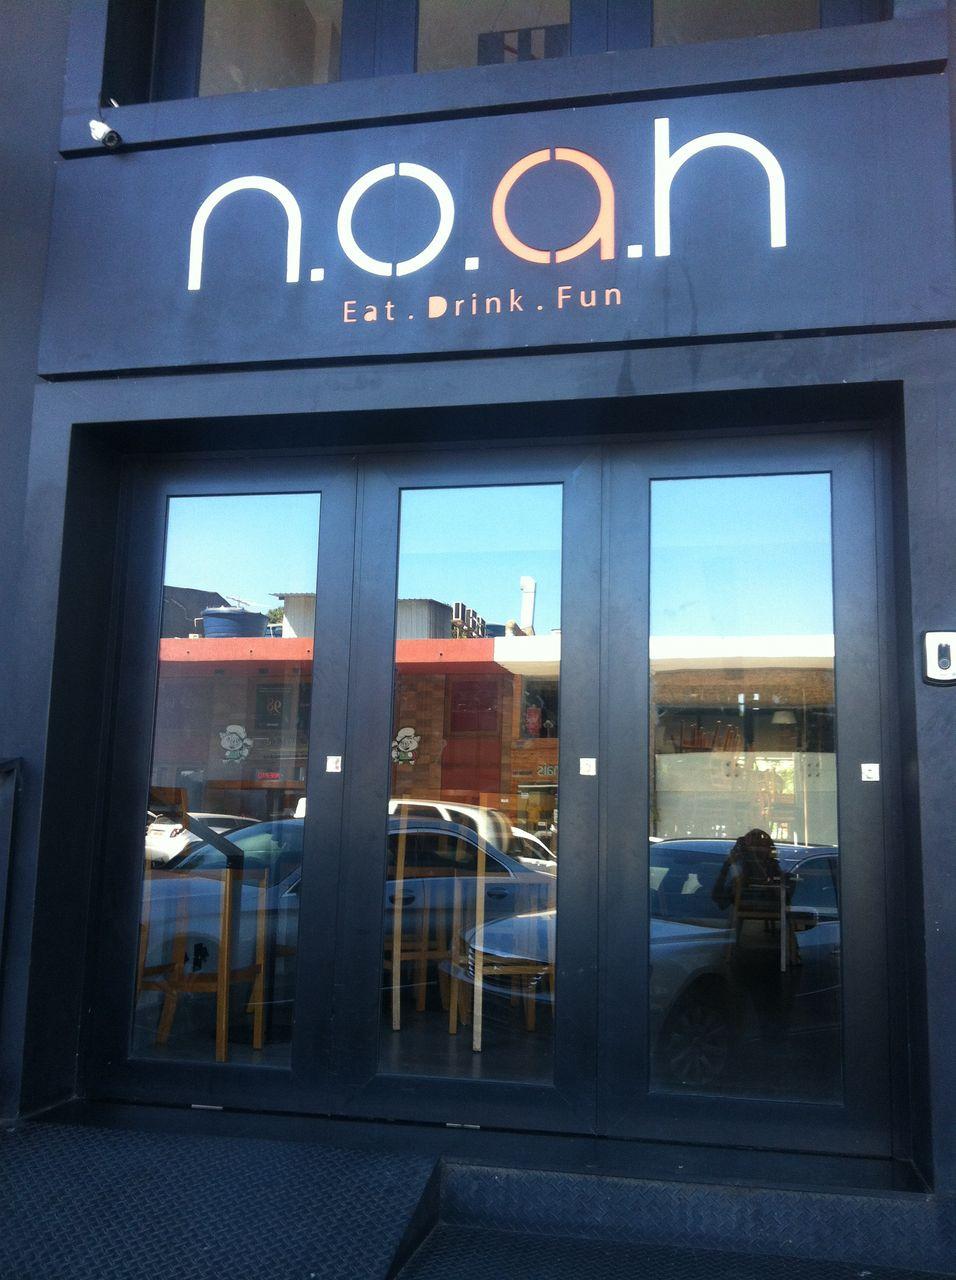 Noah Eat Drink Fun, Quadra 408 Sul, Bloco C, Asa Sul, Comércio de Brasília